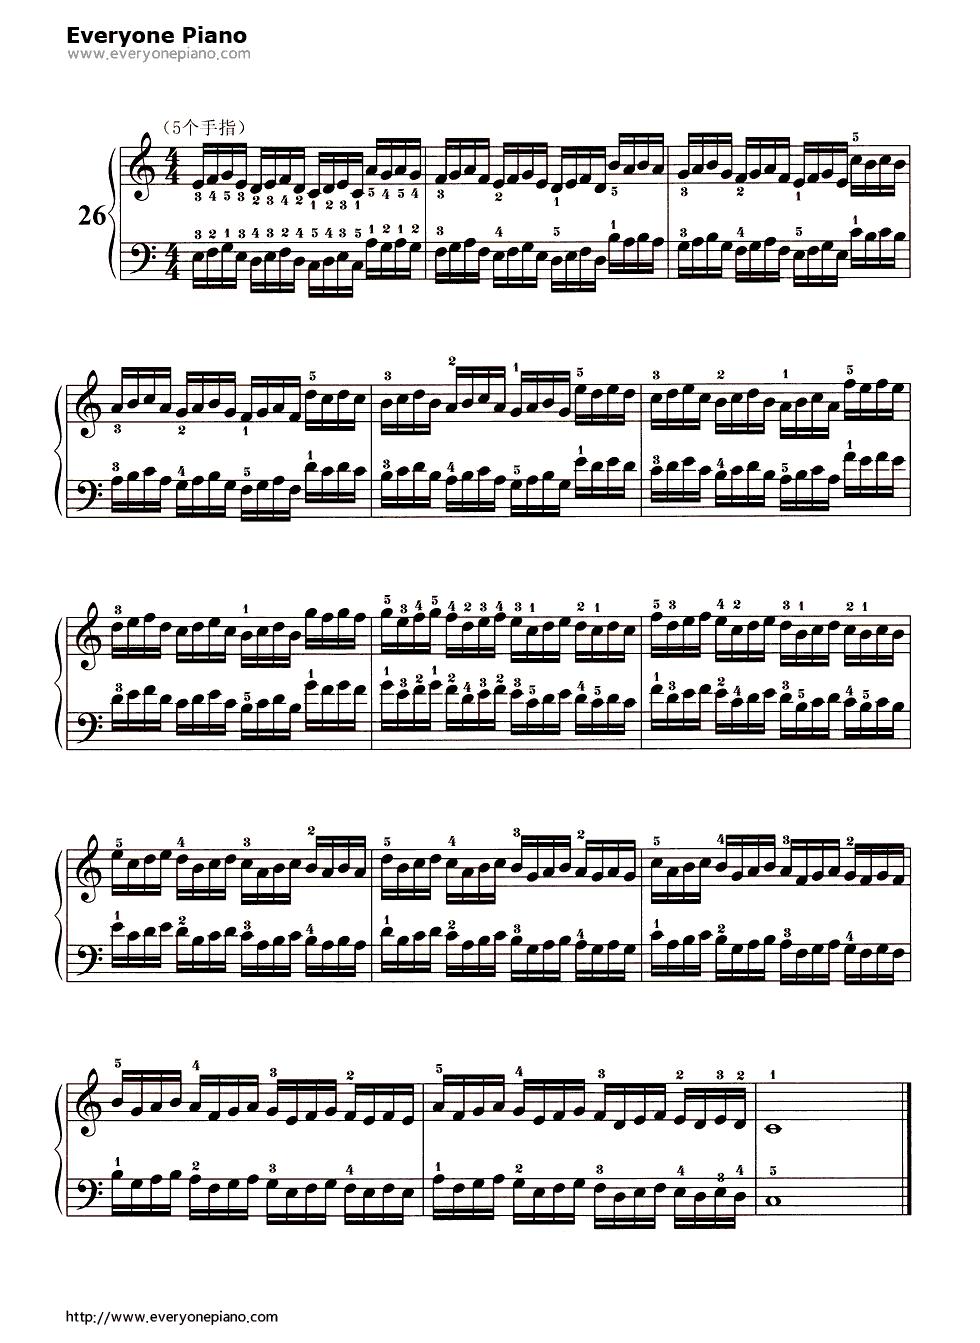 彩虹钢琴伴奏_合唱正谱雨后彩虹合唱谱钢琴伴奏谱合唱正